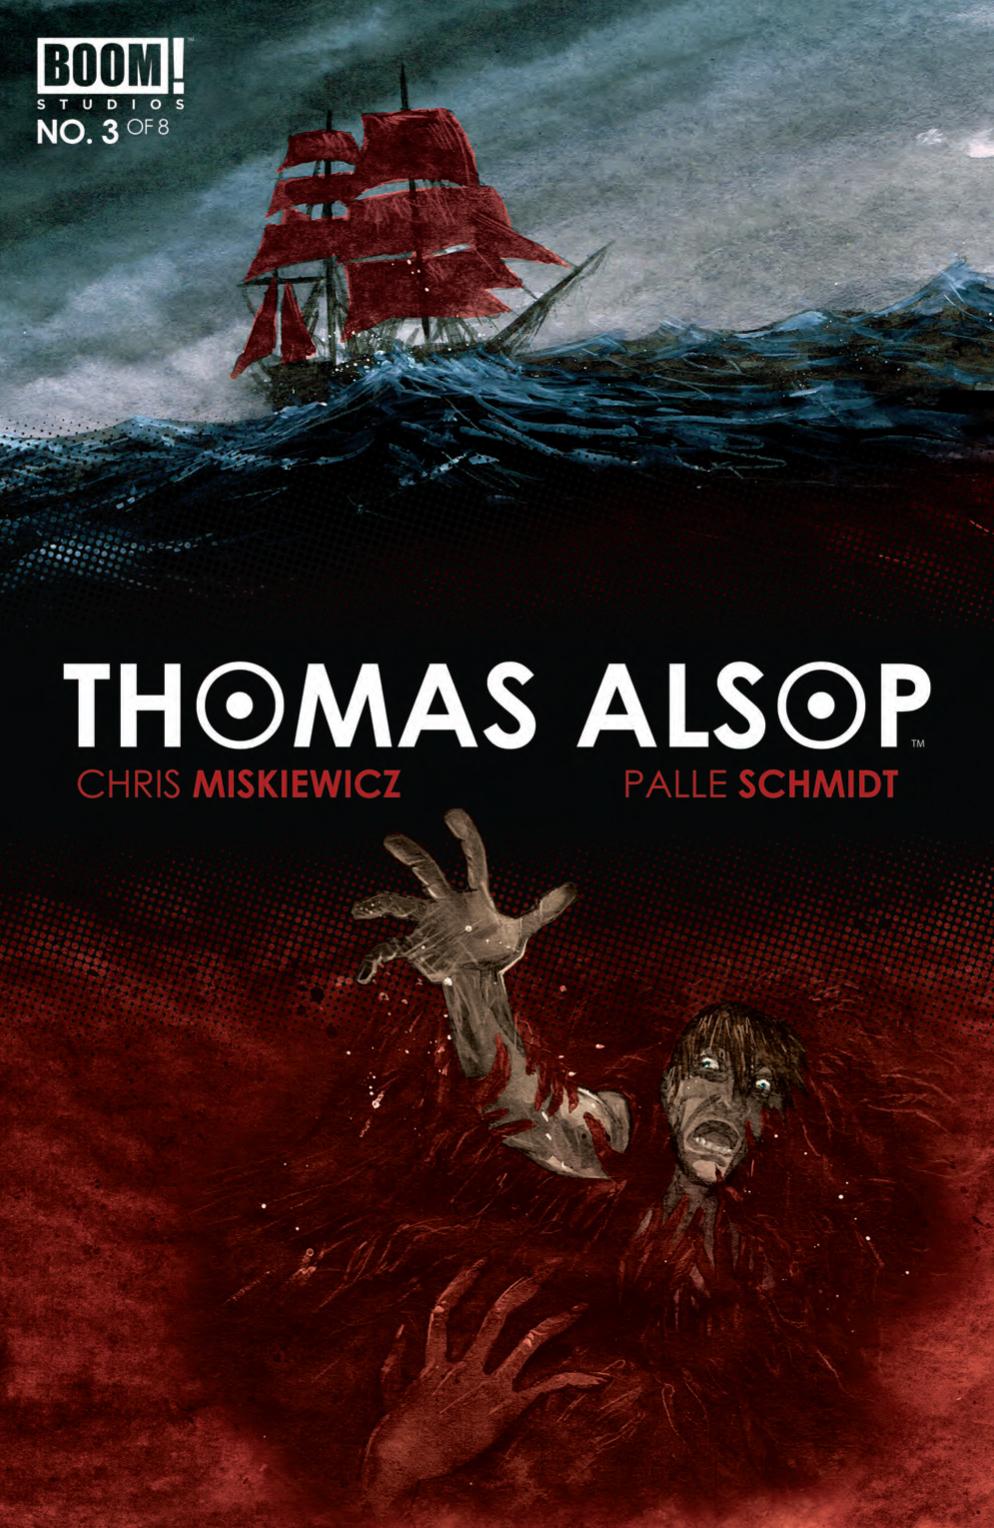 Thomas_Alsop_003_COVER-A